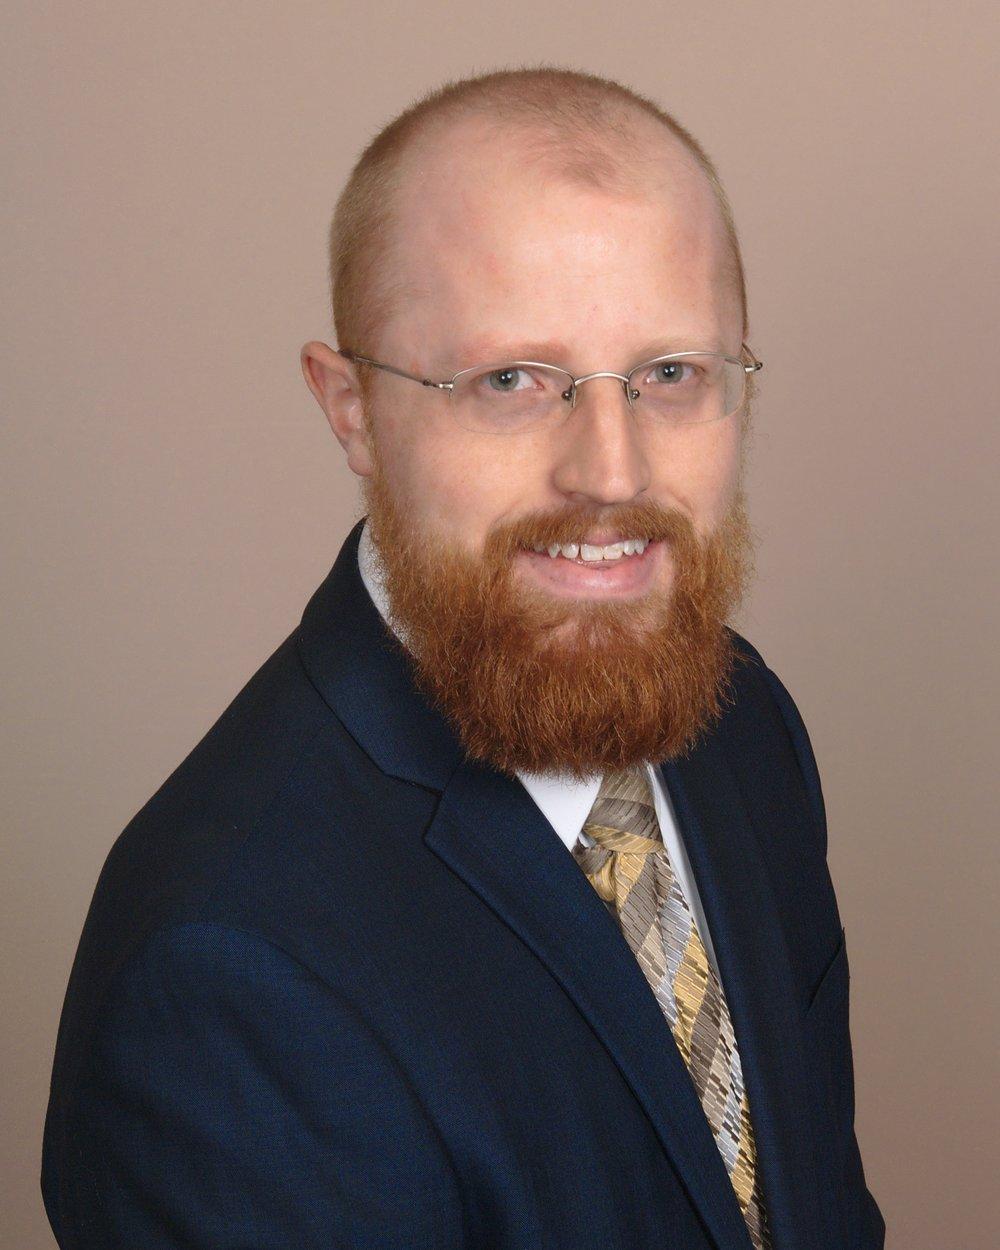 Thomas A. Vick - Attorney